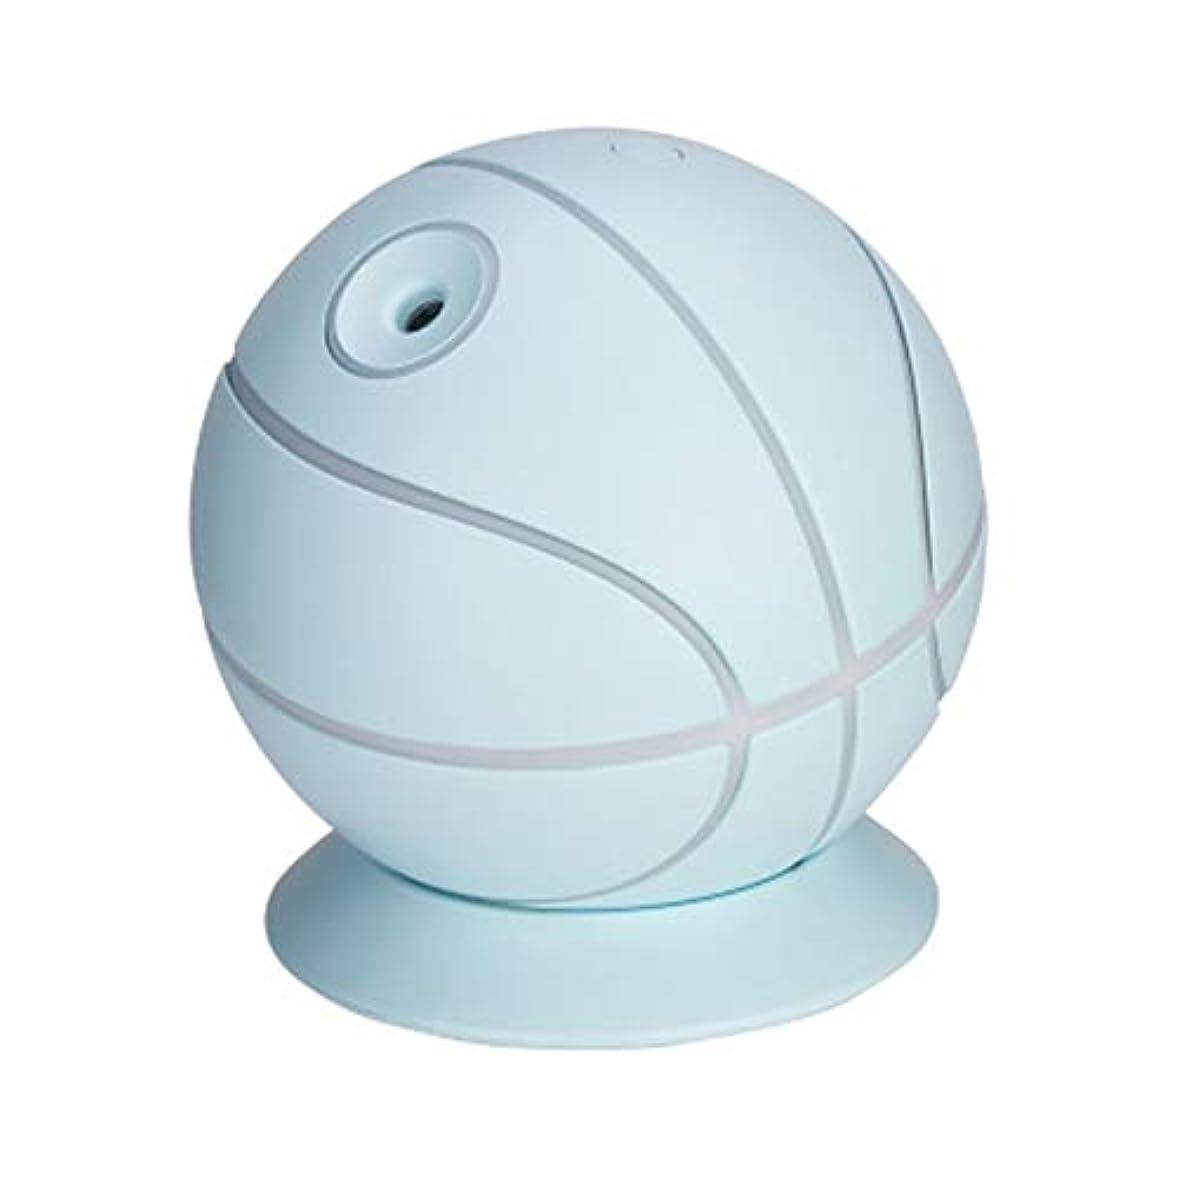 バンケット罰する大西洋バスケットボール エッセンシャルオイル ディフューザー、 USB 超音波 酸素 流量計 アトマイザー クールミスト 空気 加湿器、 180° ロータリー ミニ ディフューザー にとって ホーム 車 事,Blue